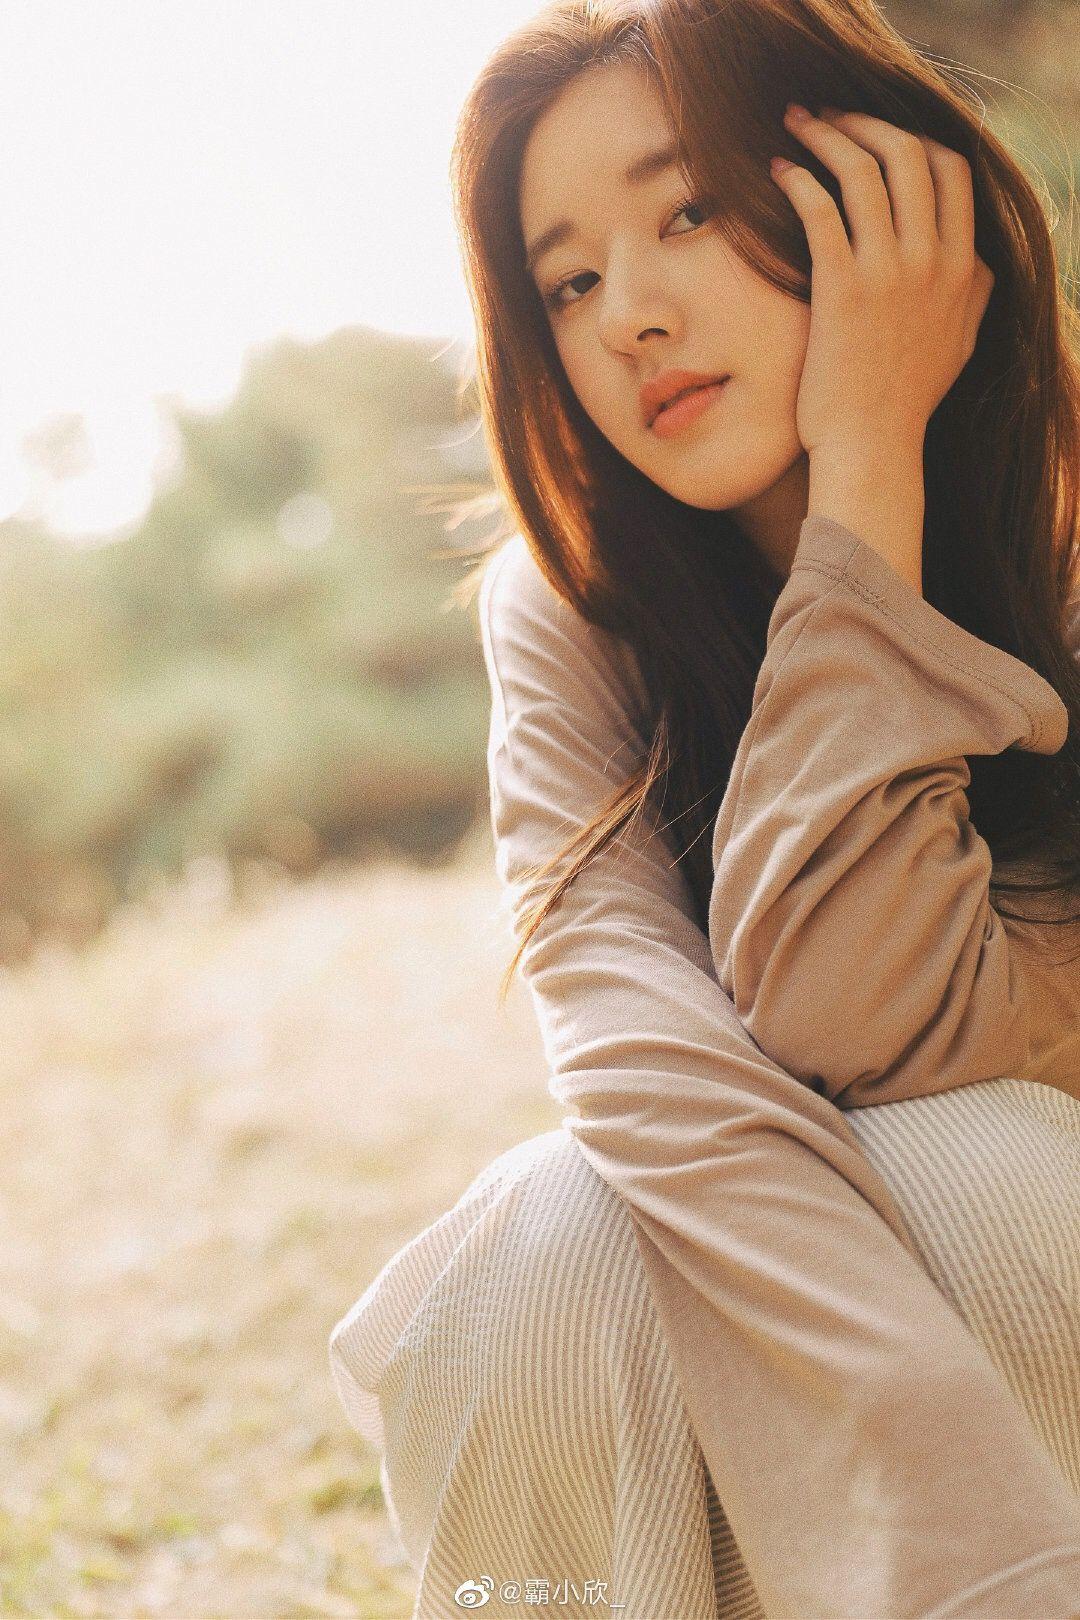 Pin oleh Tiểu Anh 小英 di 赵露思 Aktris, Kecantikan orang